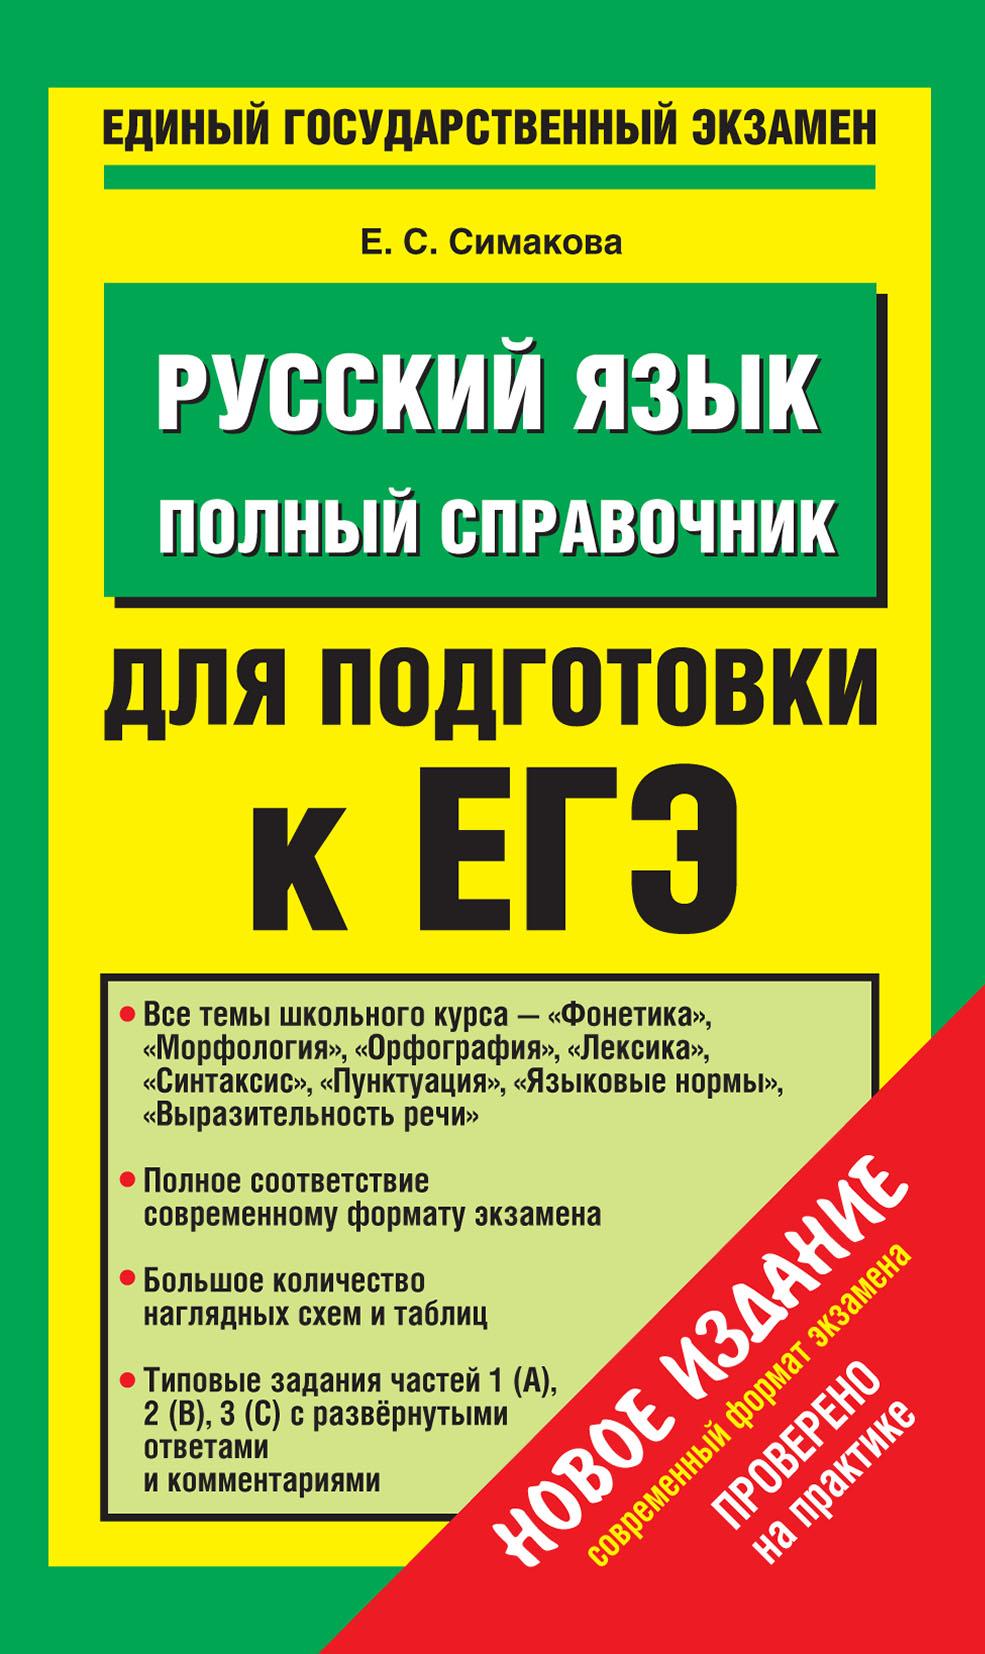 Е. С. Симакова Русский язык. Полный справочник для подготовки к ЕГЭ код для растений симс 3